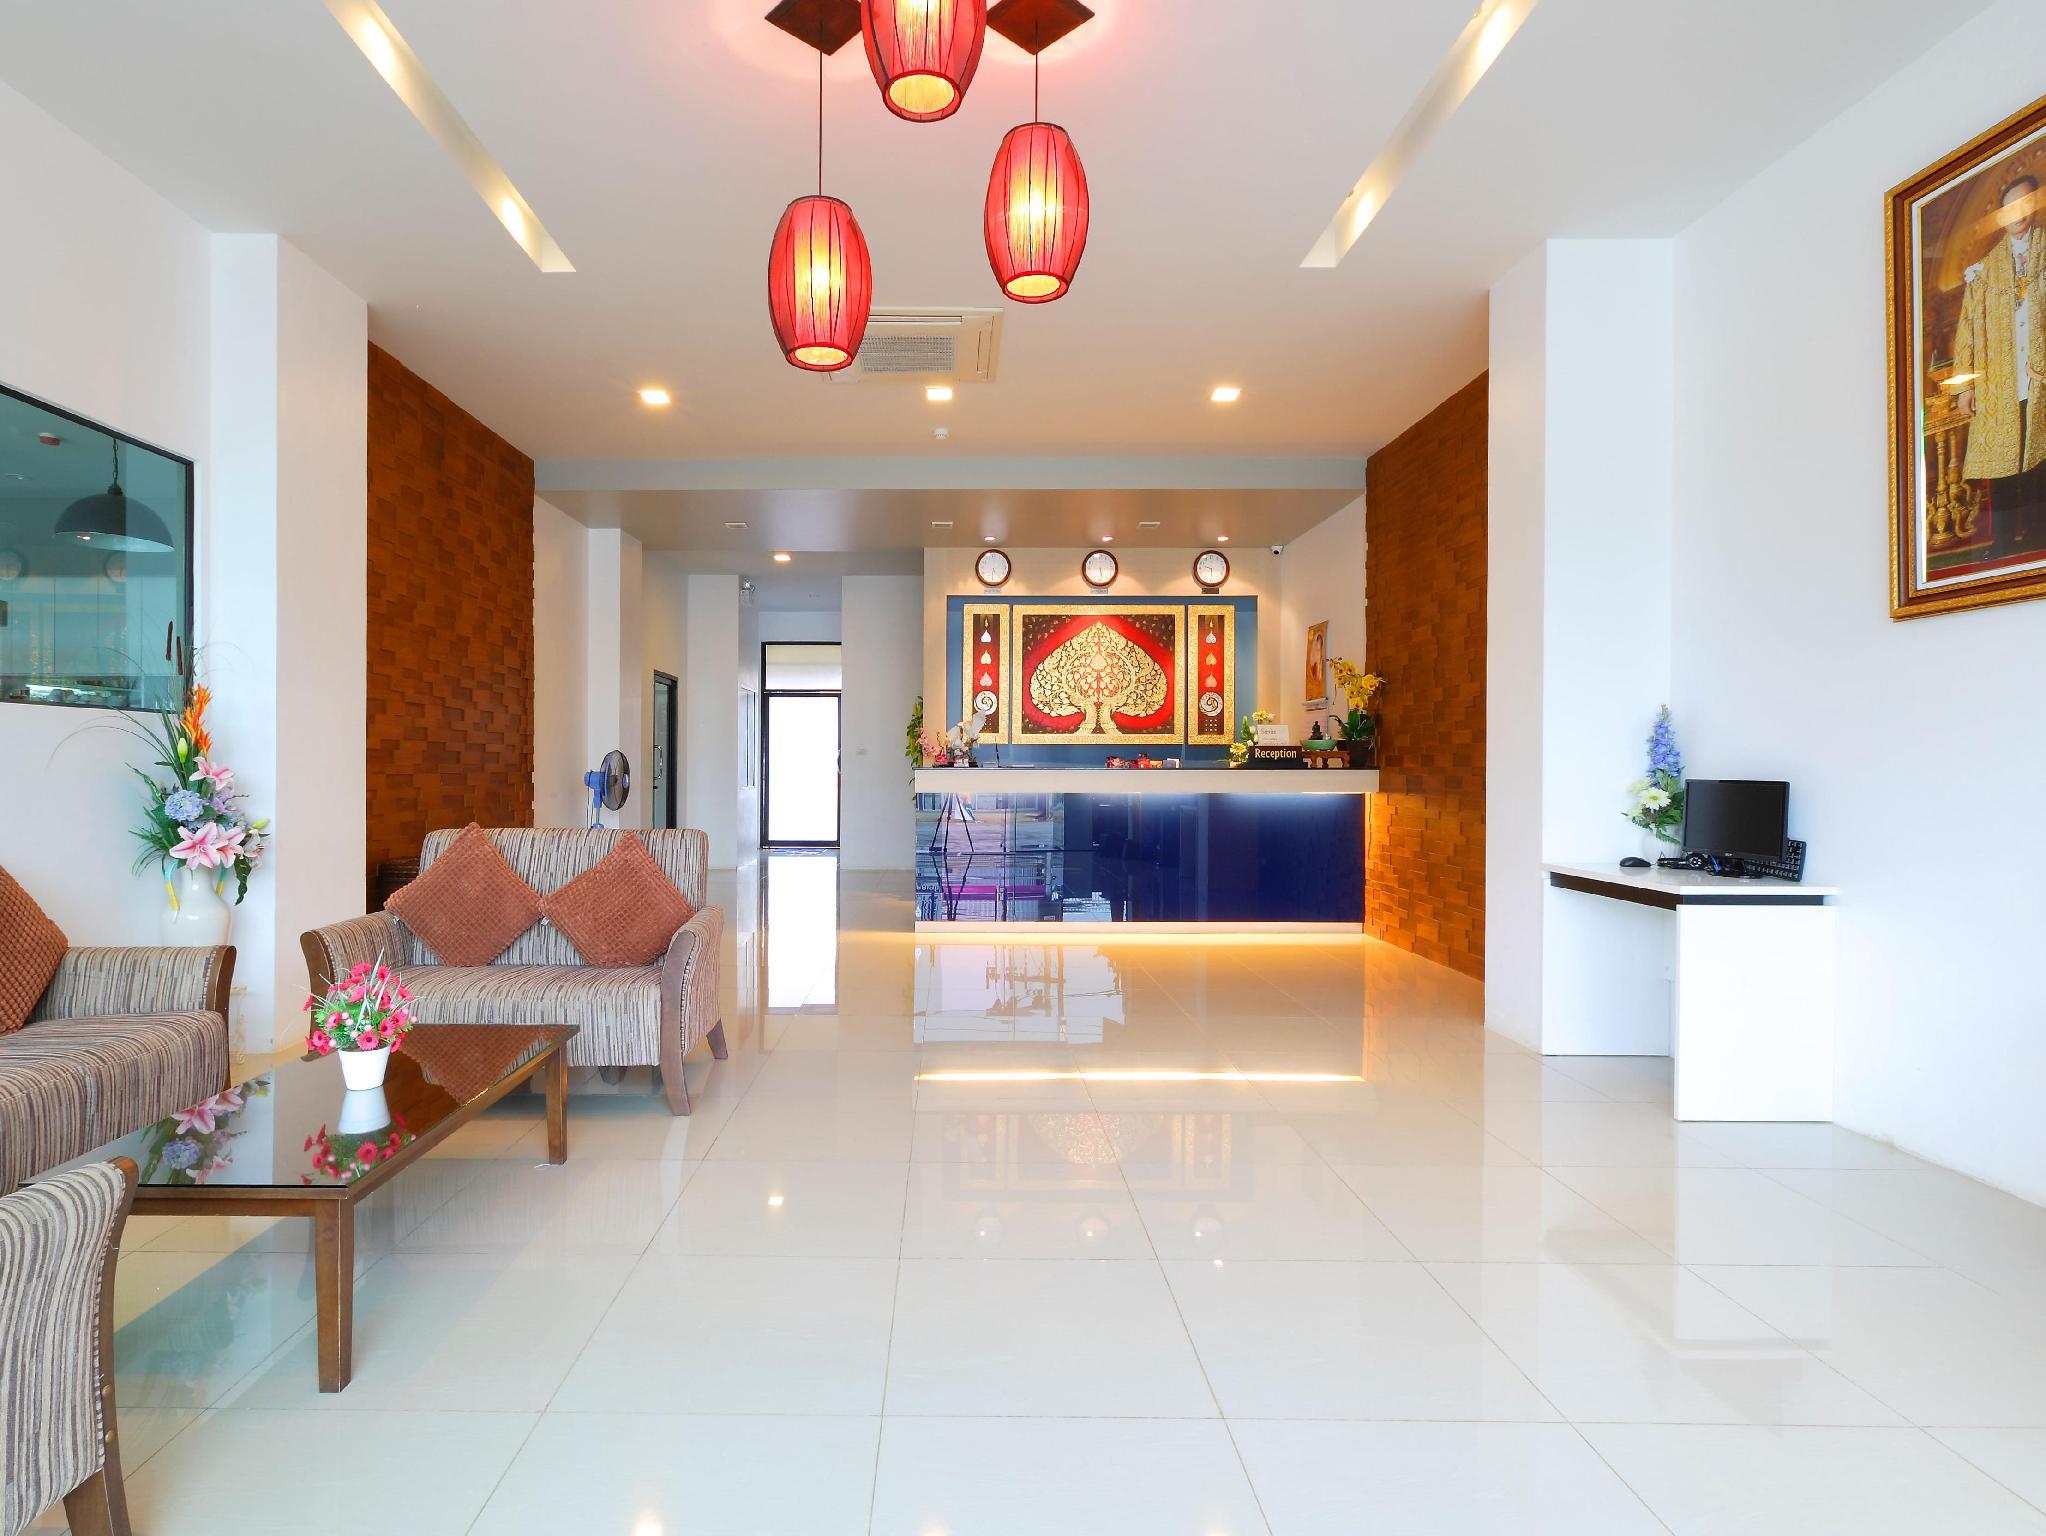 Hotell Sri Boutique Hotel i Patong, Phuket. Klicka för att läsa mer och skicka bokningsförfrågan